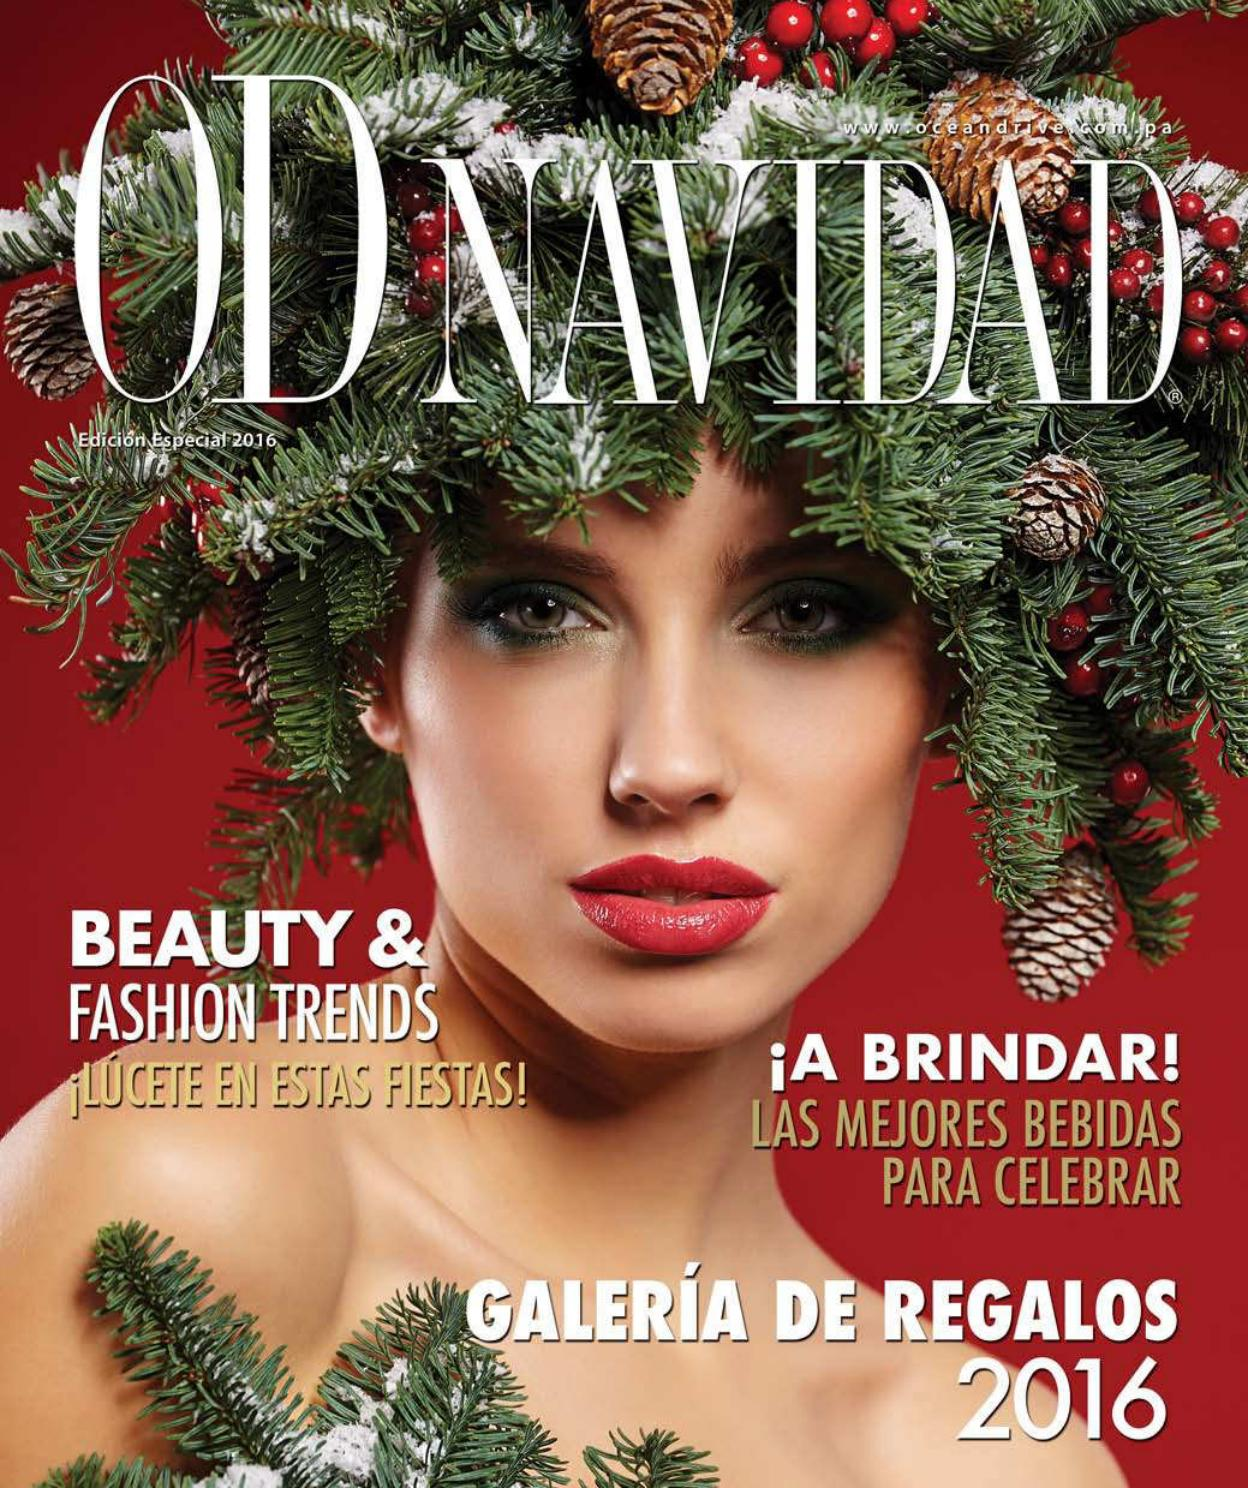 OD Navidad-Edición Especial 2016 by Ocean Drive Magazine Panama - issuu